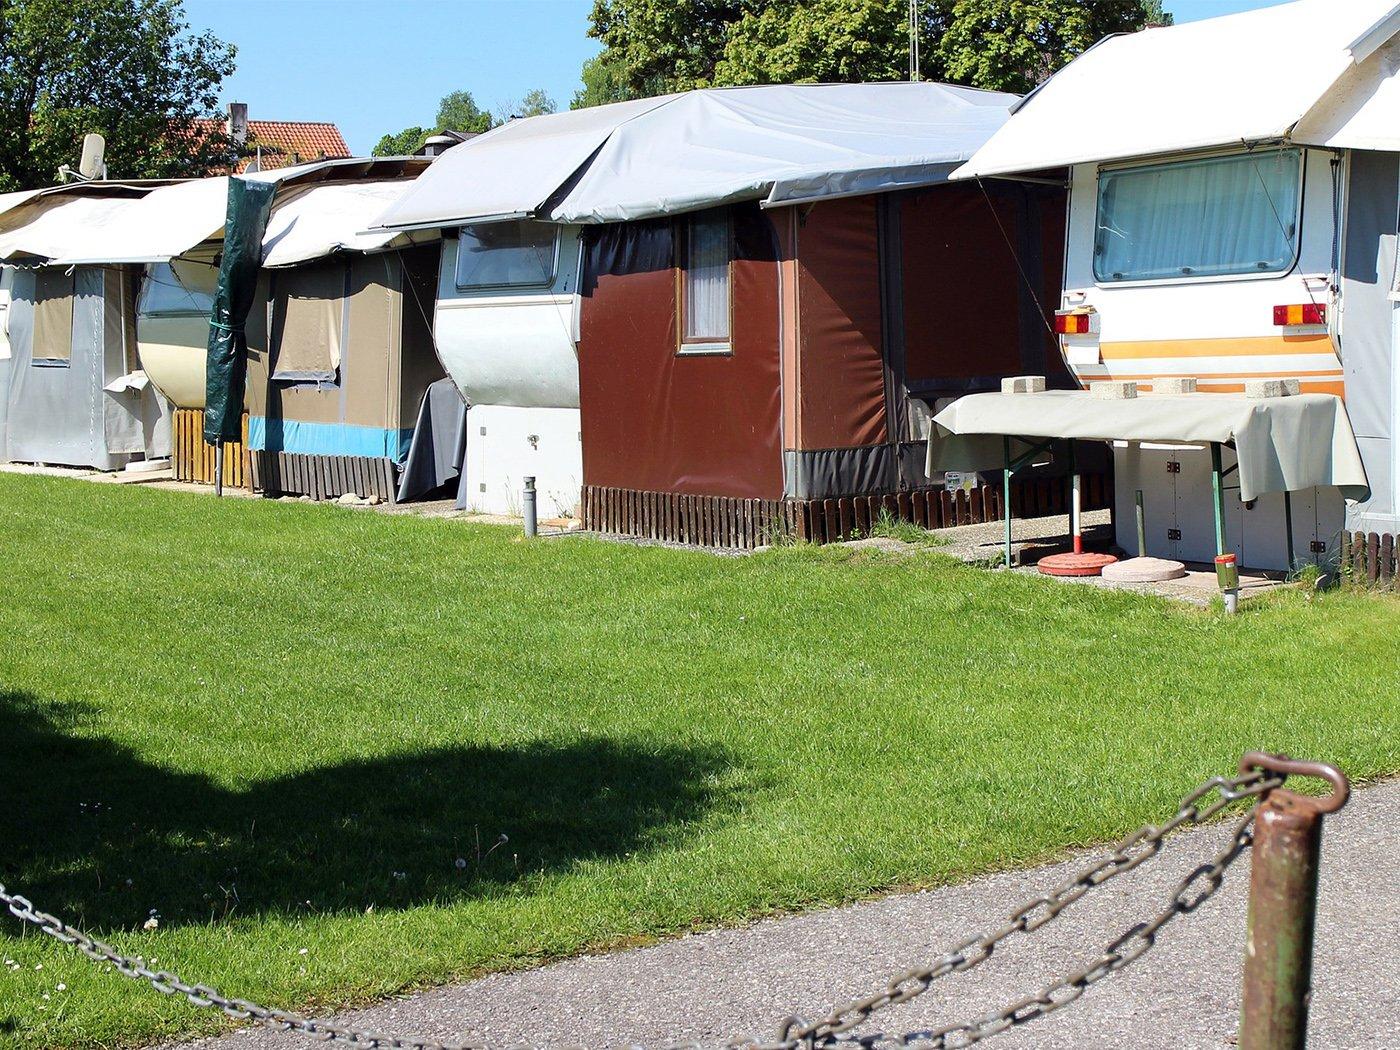 Wohnen auf dem Campingplatz Wohnmobil PaulCamper